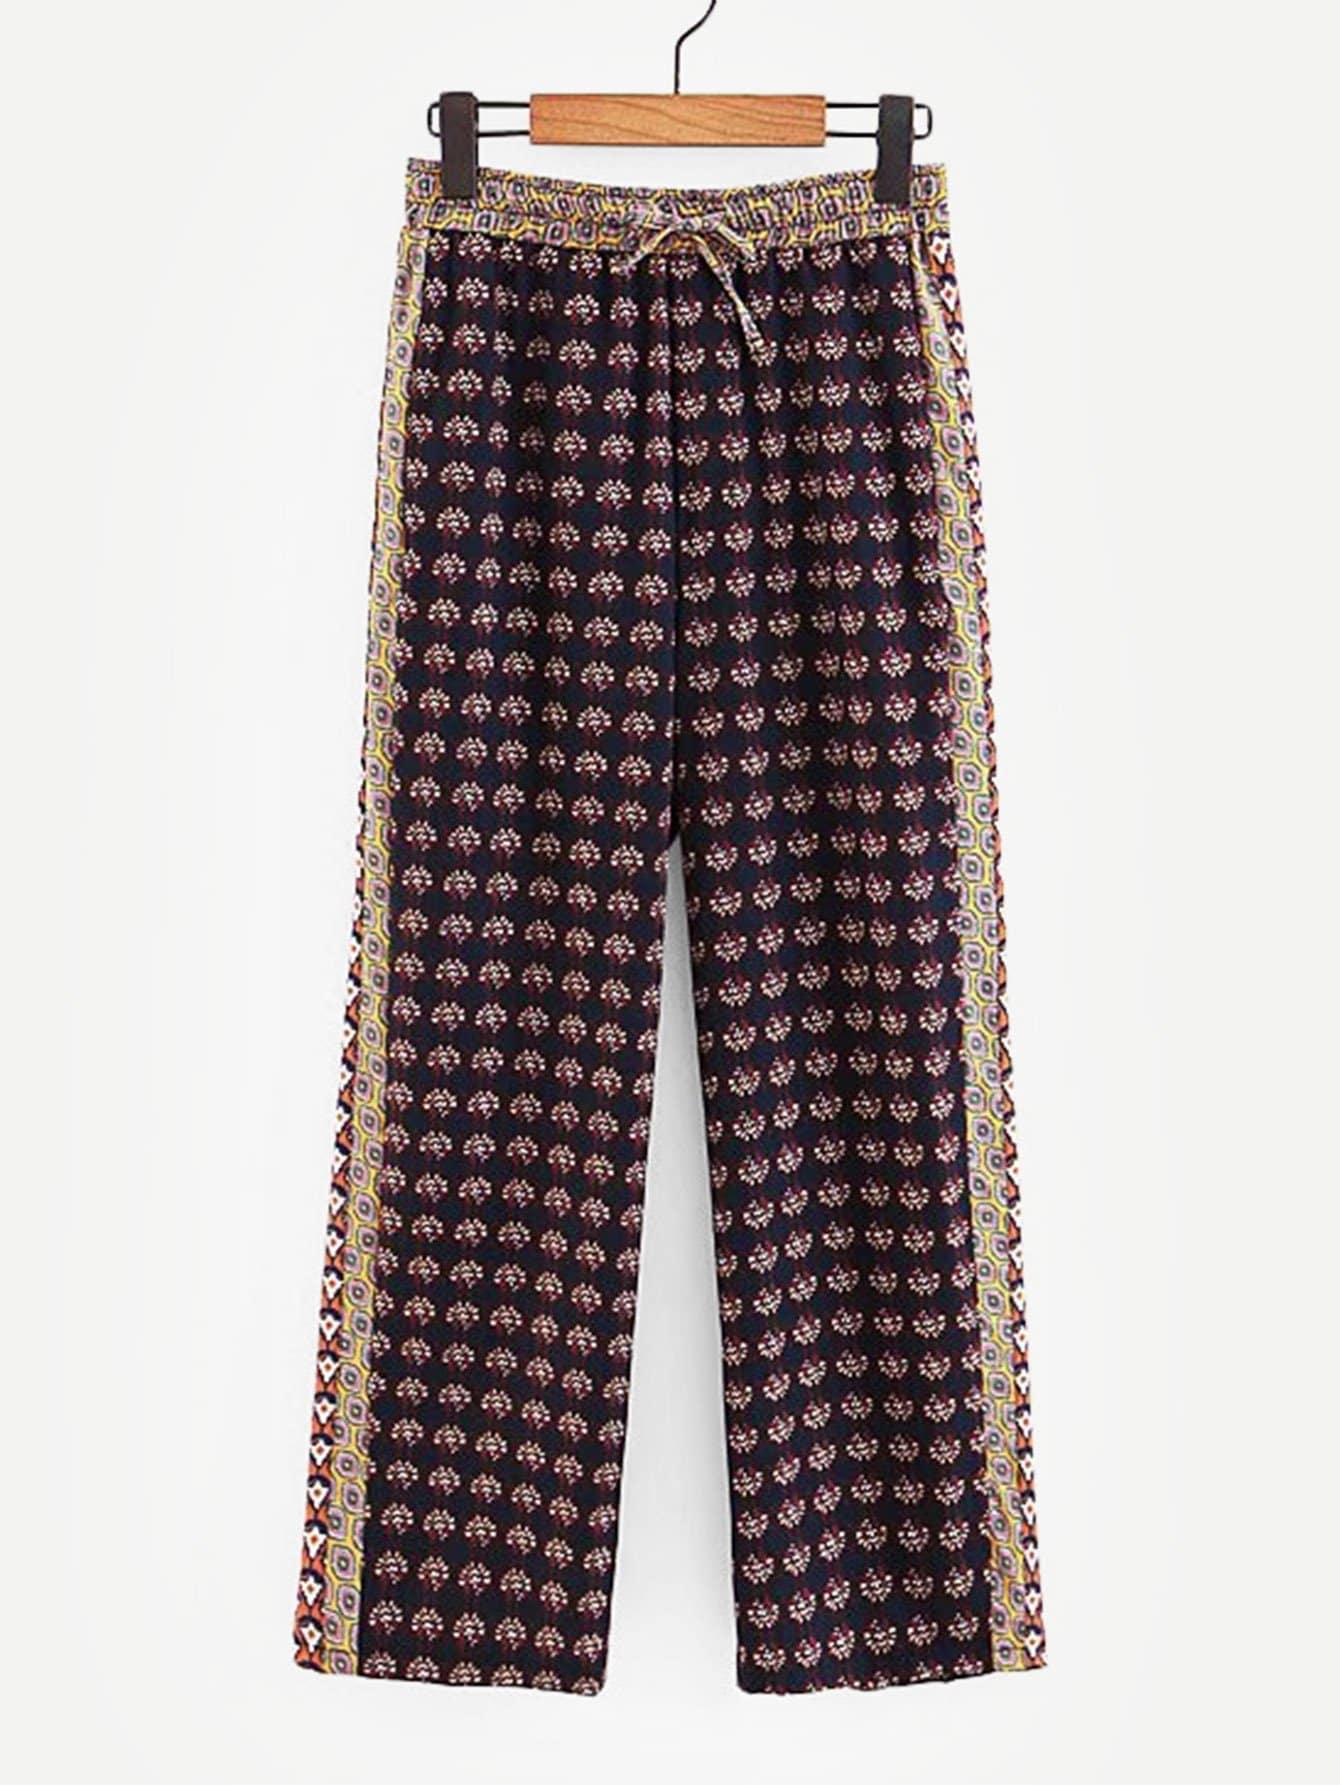 Ситцевые брюки с басоном эластичным, null, SheIn  - купить со скидкой